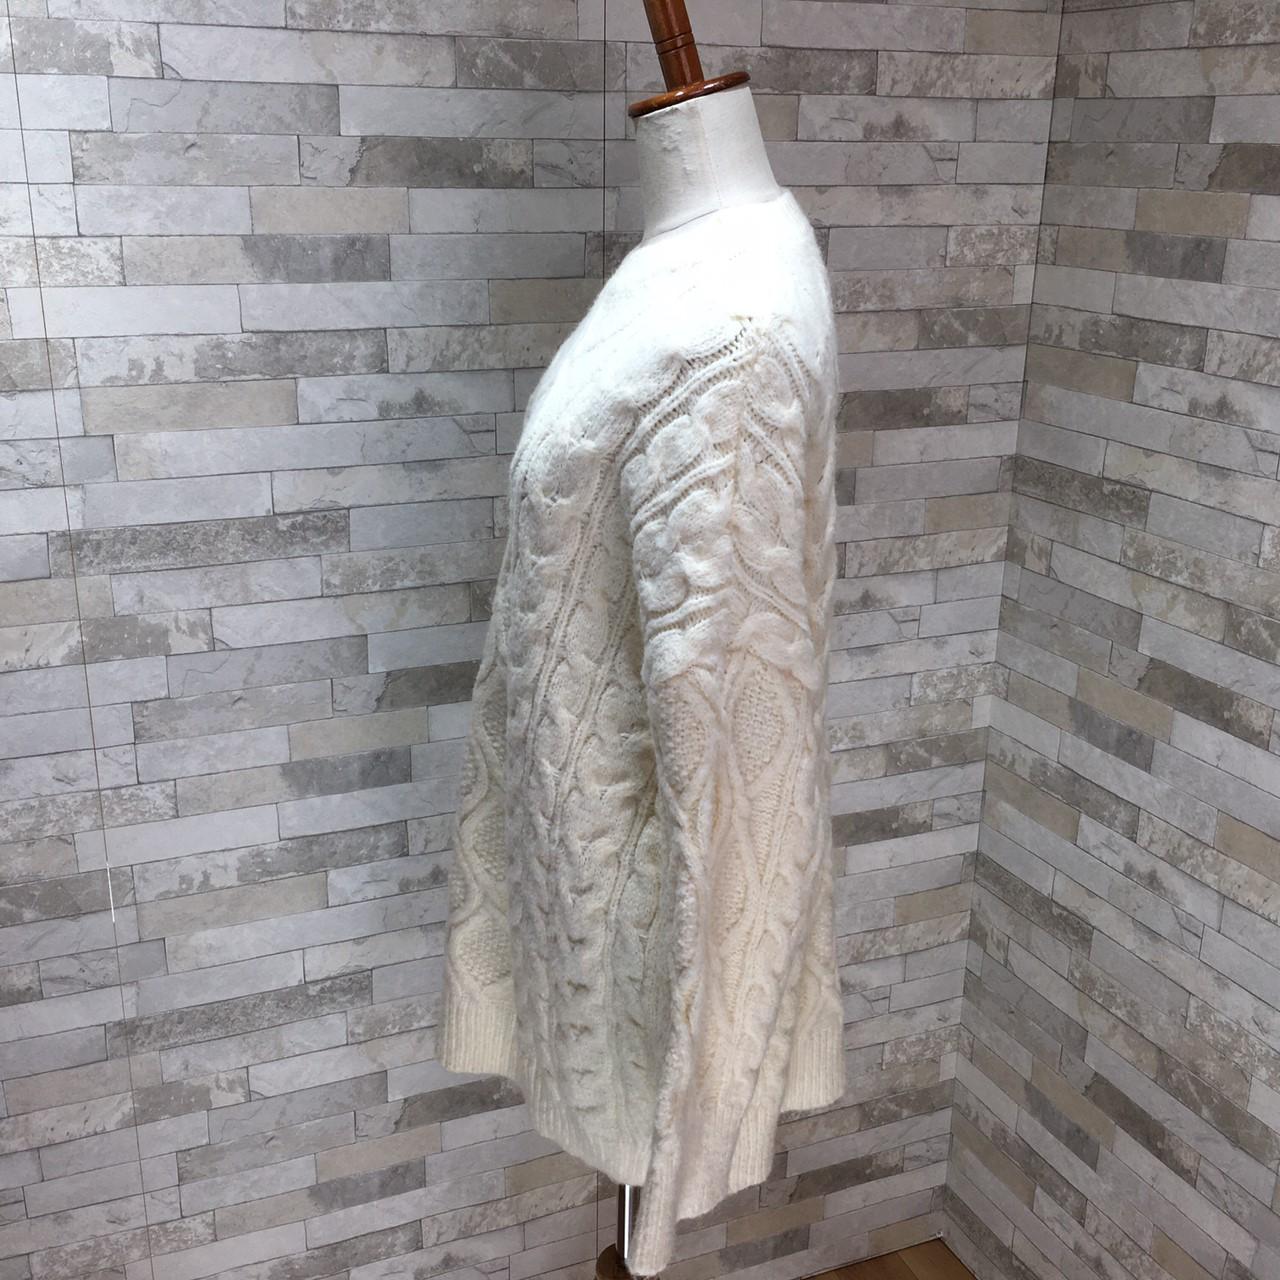 【即納】韓国 ファッション トップス ニット セーター 秋 冬 カジュアル SPTXG551  北欧風 模様編み ビッグシルエット 華奢見せ オルチャン シンプル 定番 セレカジの写真5枚目